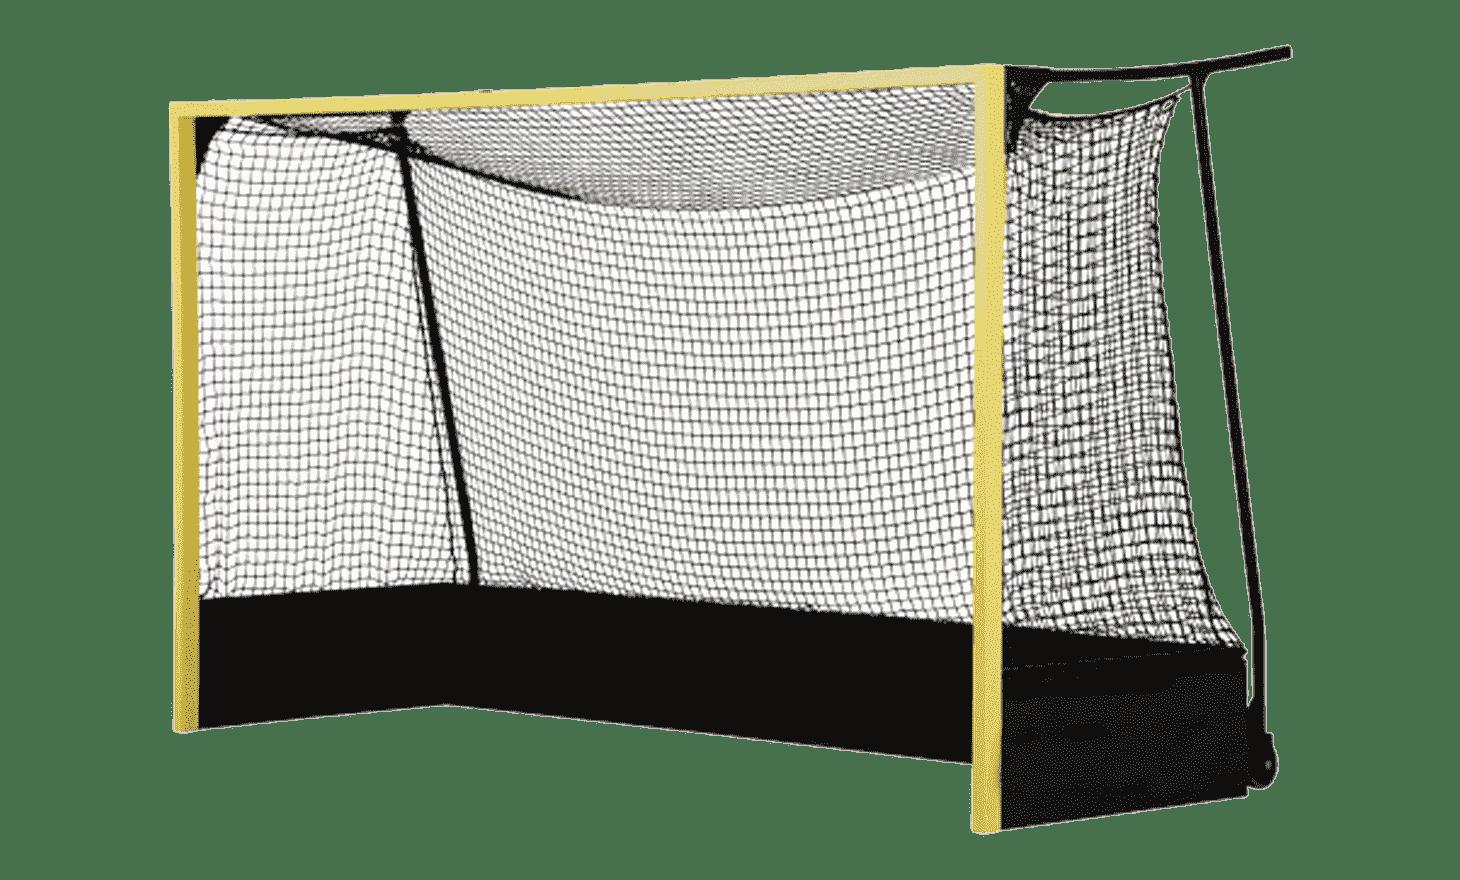 Hockeytore